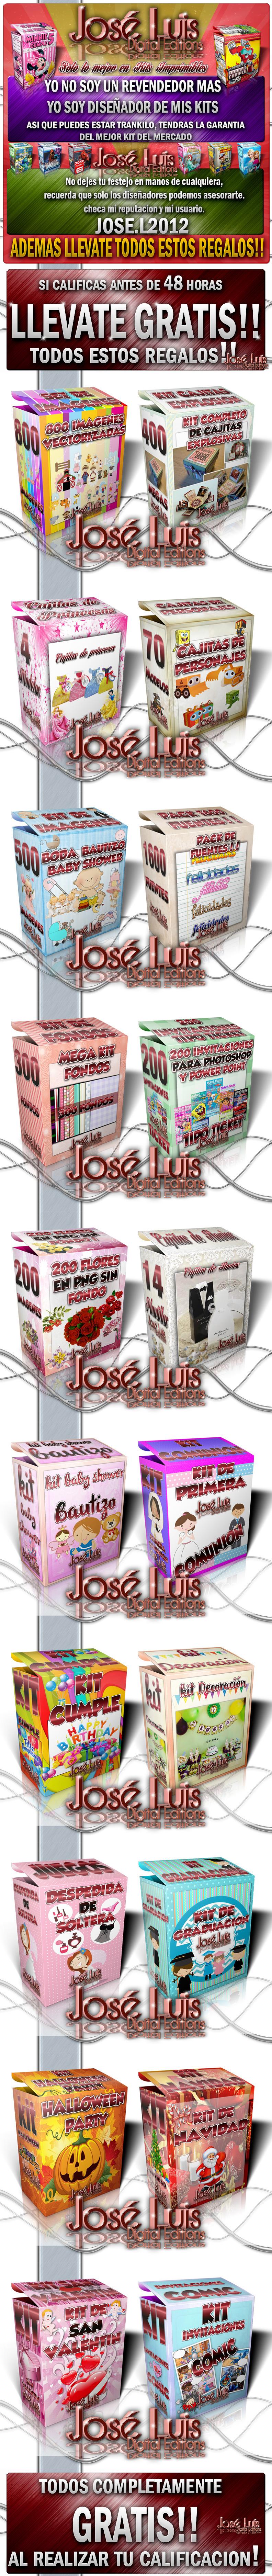 ESTA PUBLICACION ES PROPIEDAD DE JOSE.L2012, CHECA EL USUARIO A QUIEN COMPRAS YA QUE PUEDEN ESTAFARTE!